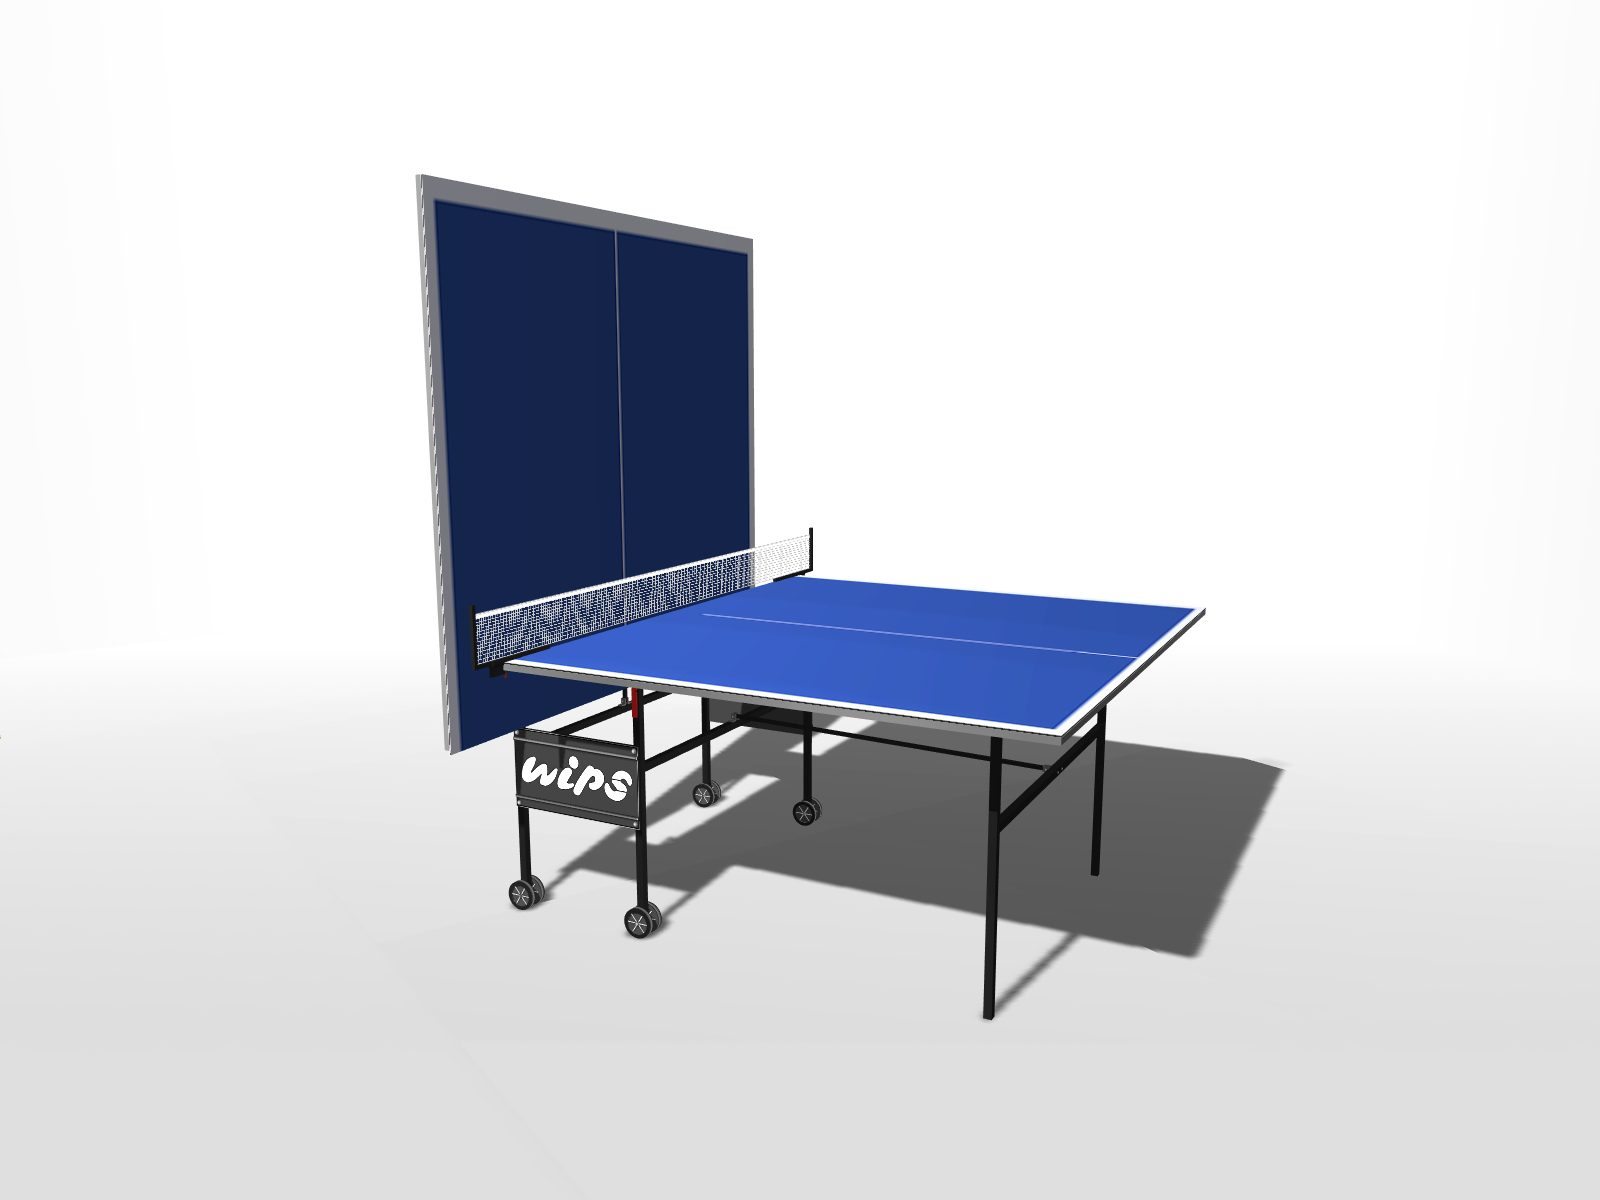 Настольный теннис WIPS - настольная игра для офиса дома и дачи, от импортера. Розница, опт.